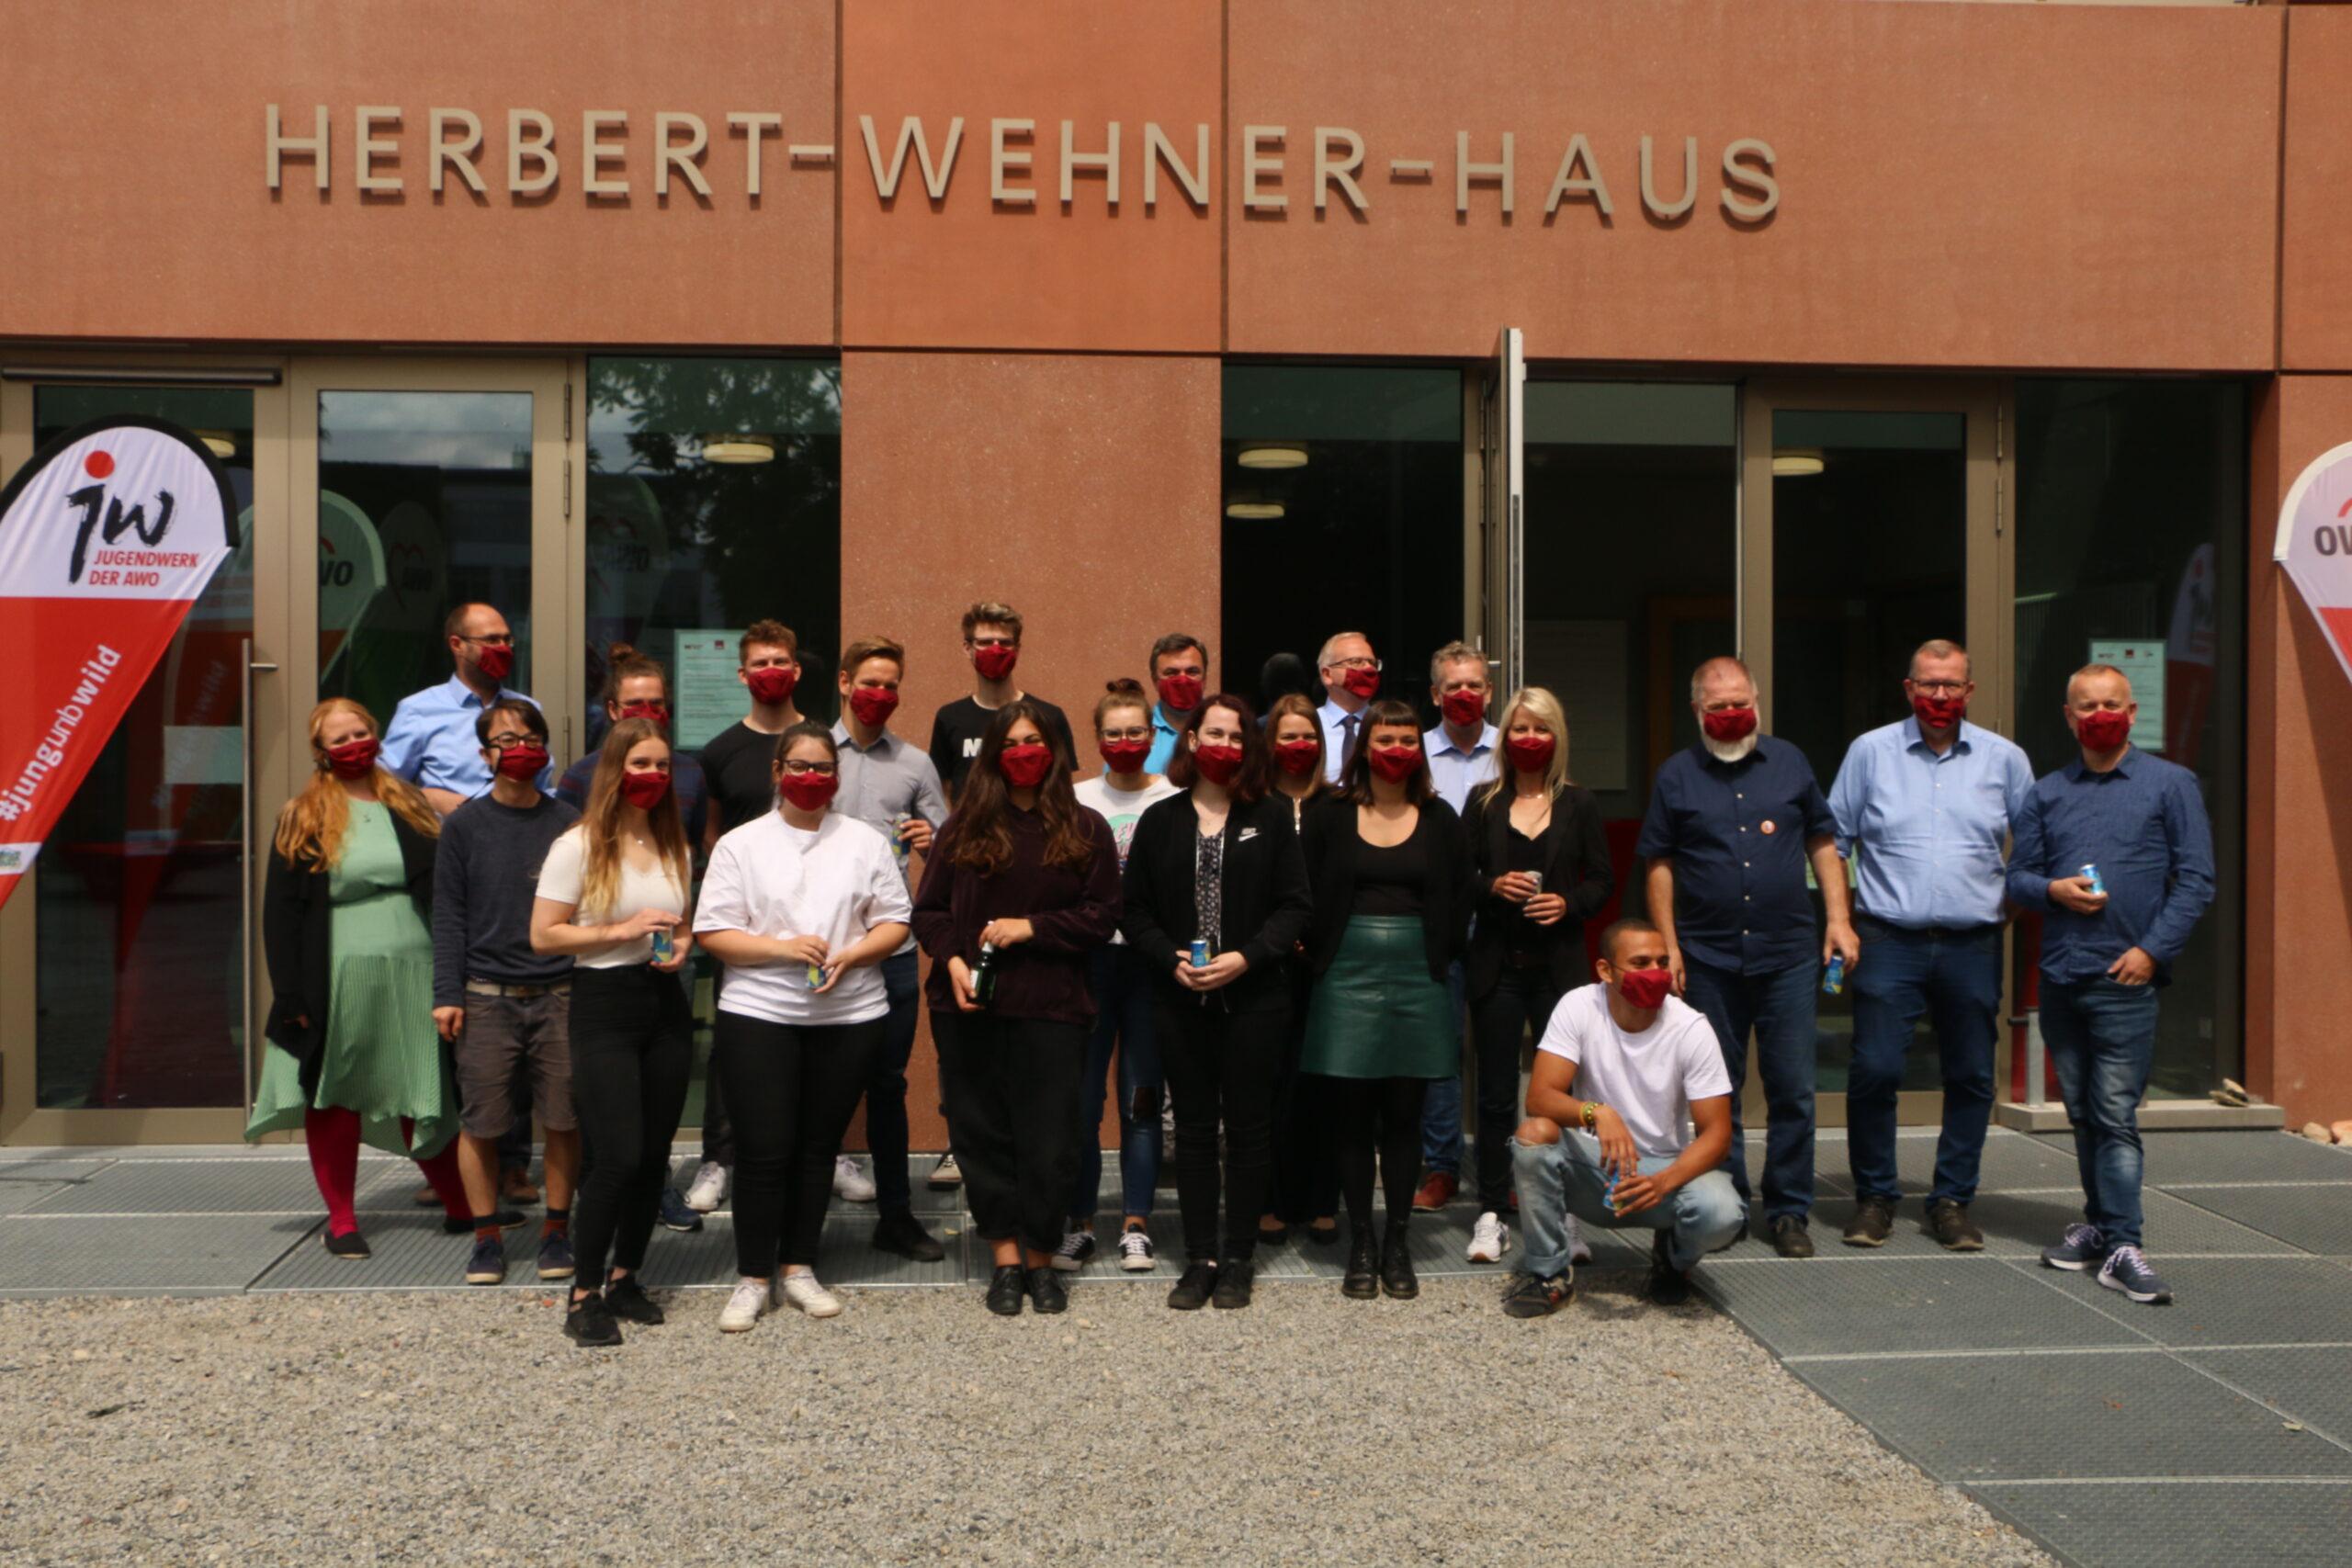 Gründungsmitglieder des Jugendwerks vor dem Herbert-Wehner-Haus